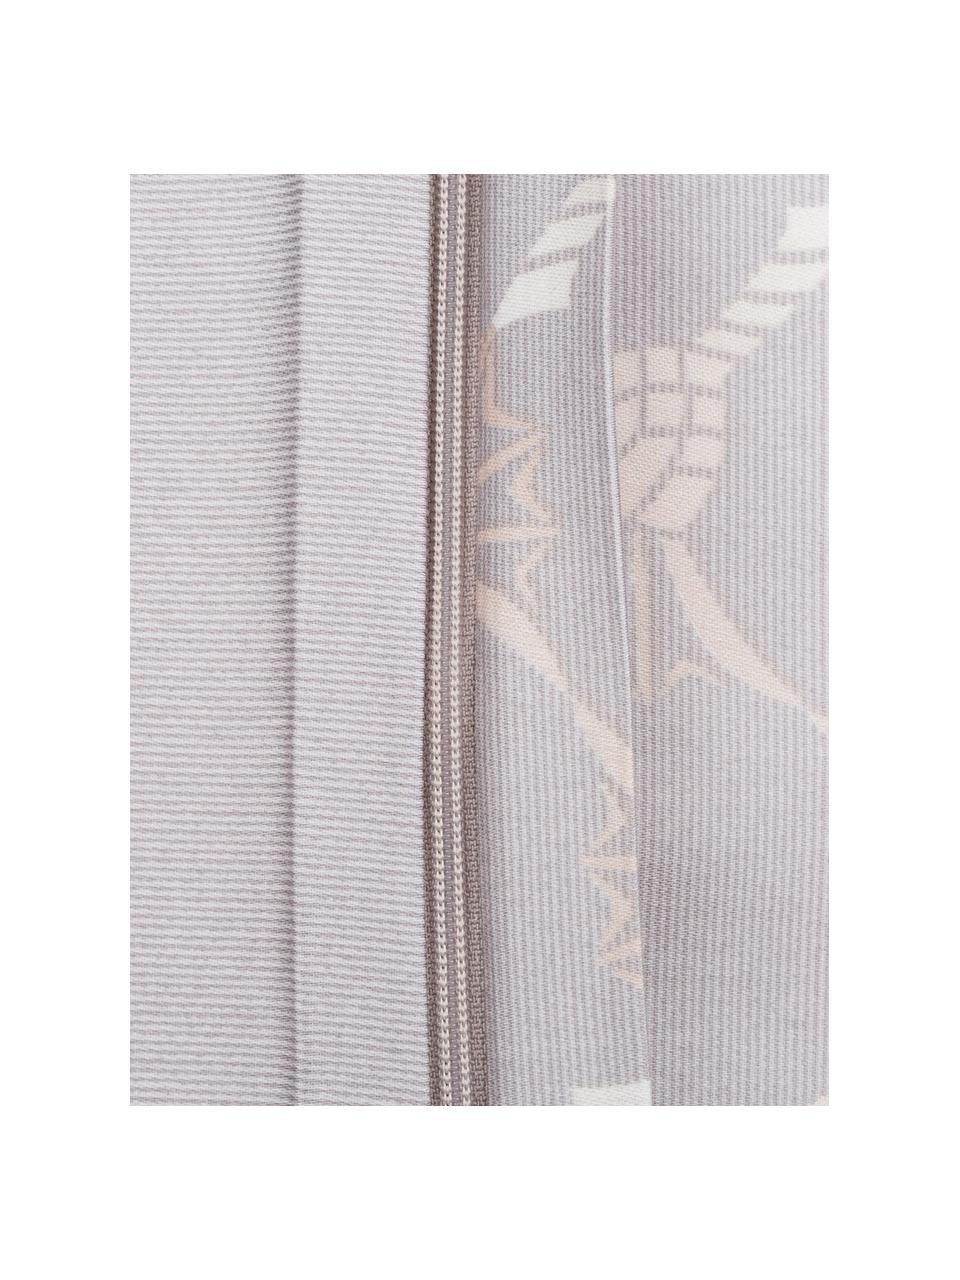 Pościel z makosatyny Cornflower Gradiant, Jasny szary, szary, beżowy, kremowy, 135 x 200 cm